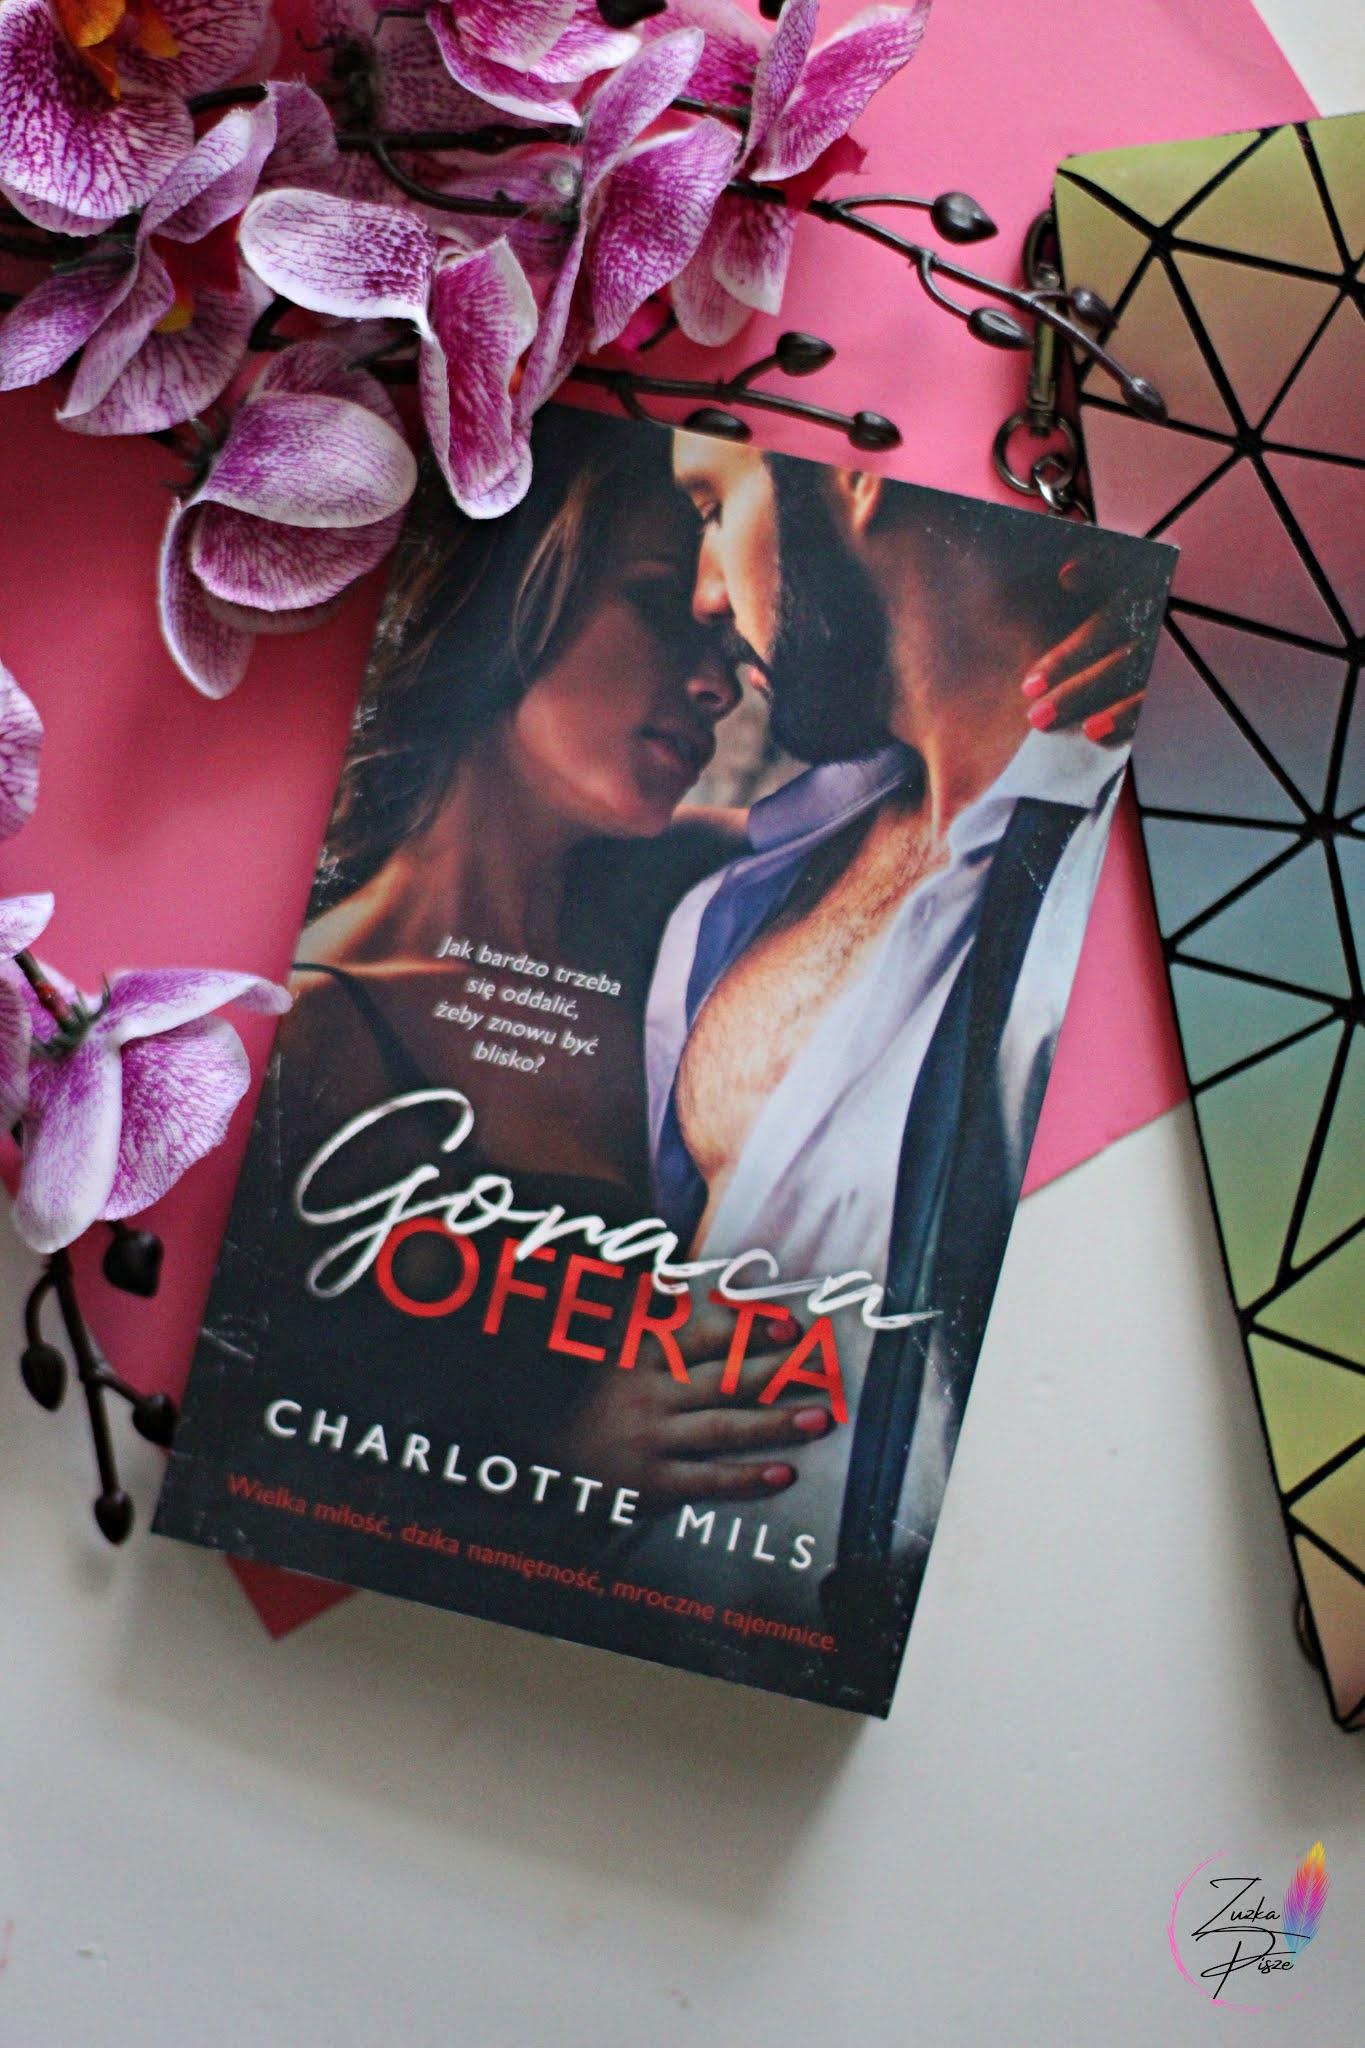 """Charlotte Mils """"Gorąca oferta"""" - recenzja książki"""